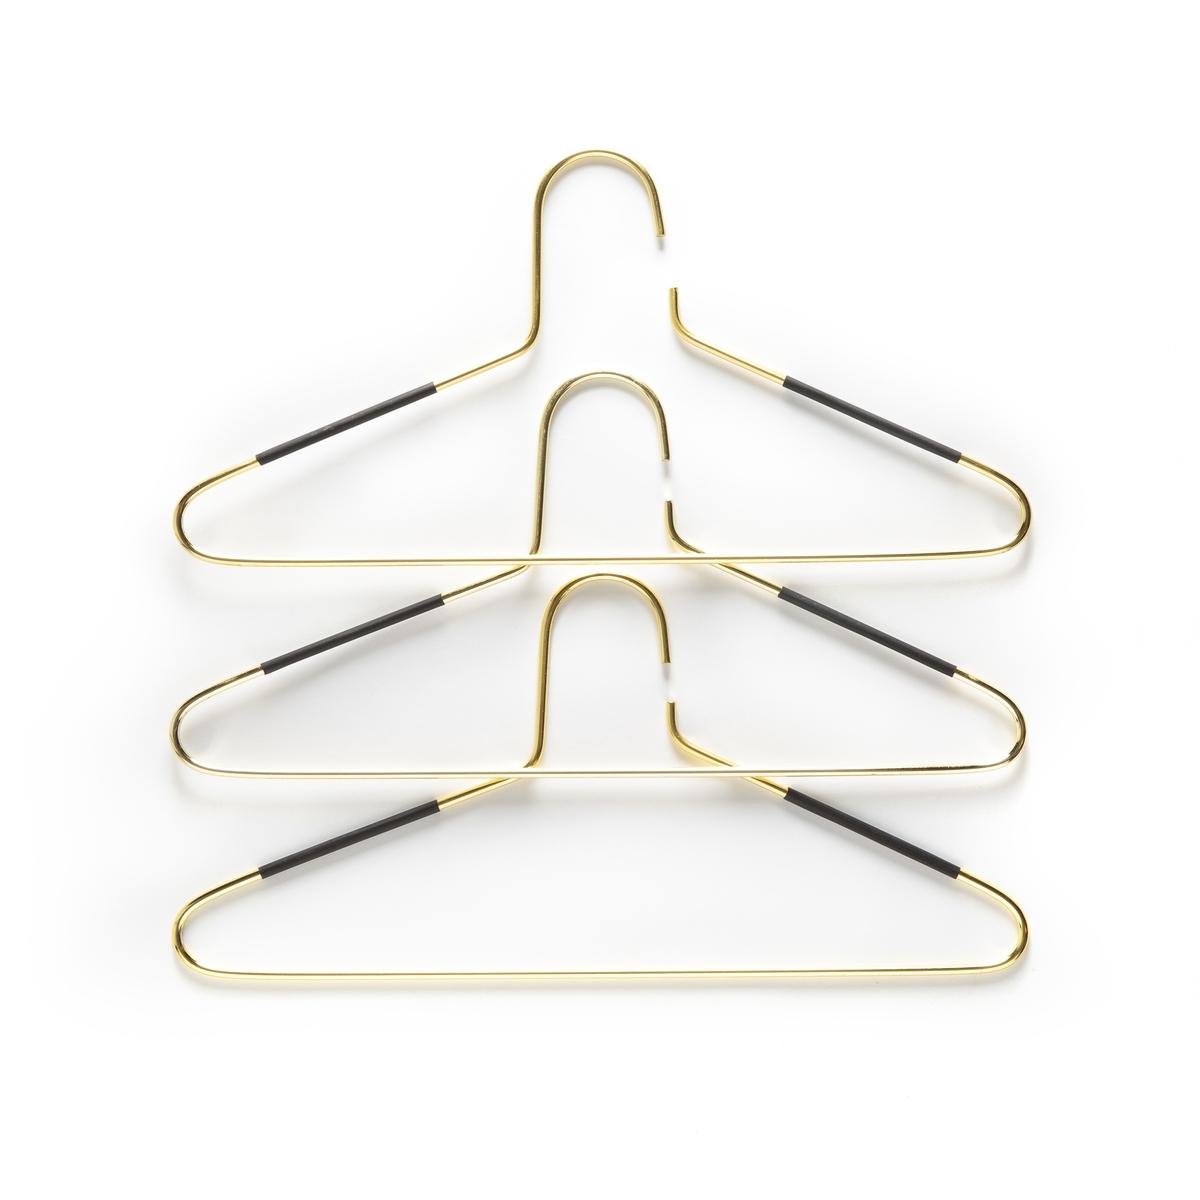 Комплект из 3 вешалок золотистого La Redoute Цвета DRENIA единый размер желтый комплект из 2 вешалок koishi la redoute la redoute единый размер черный